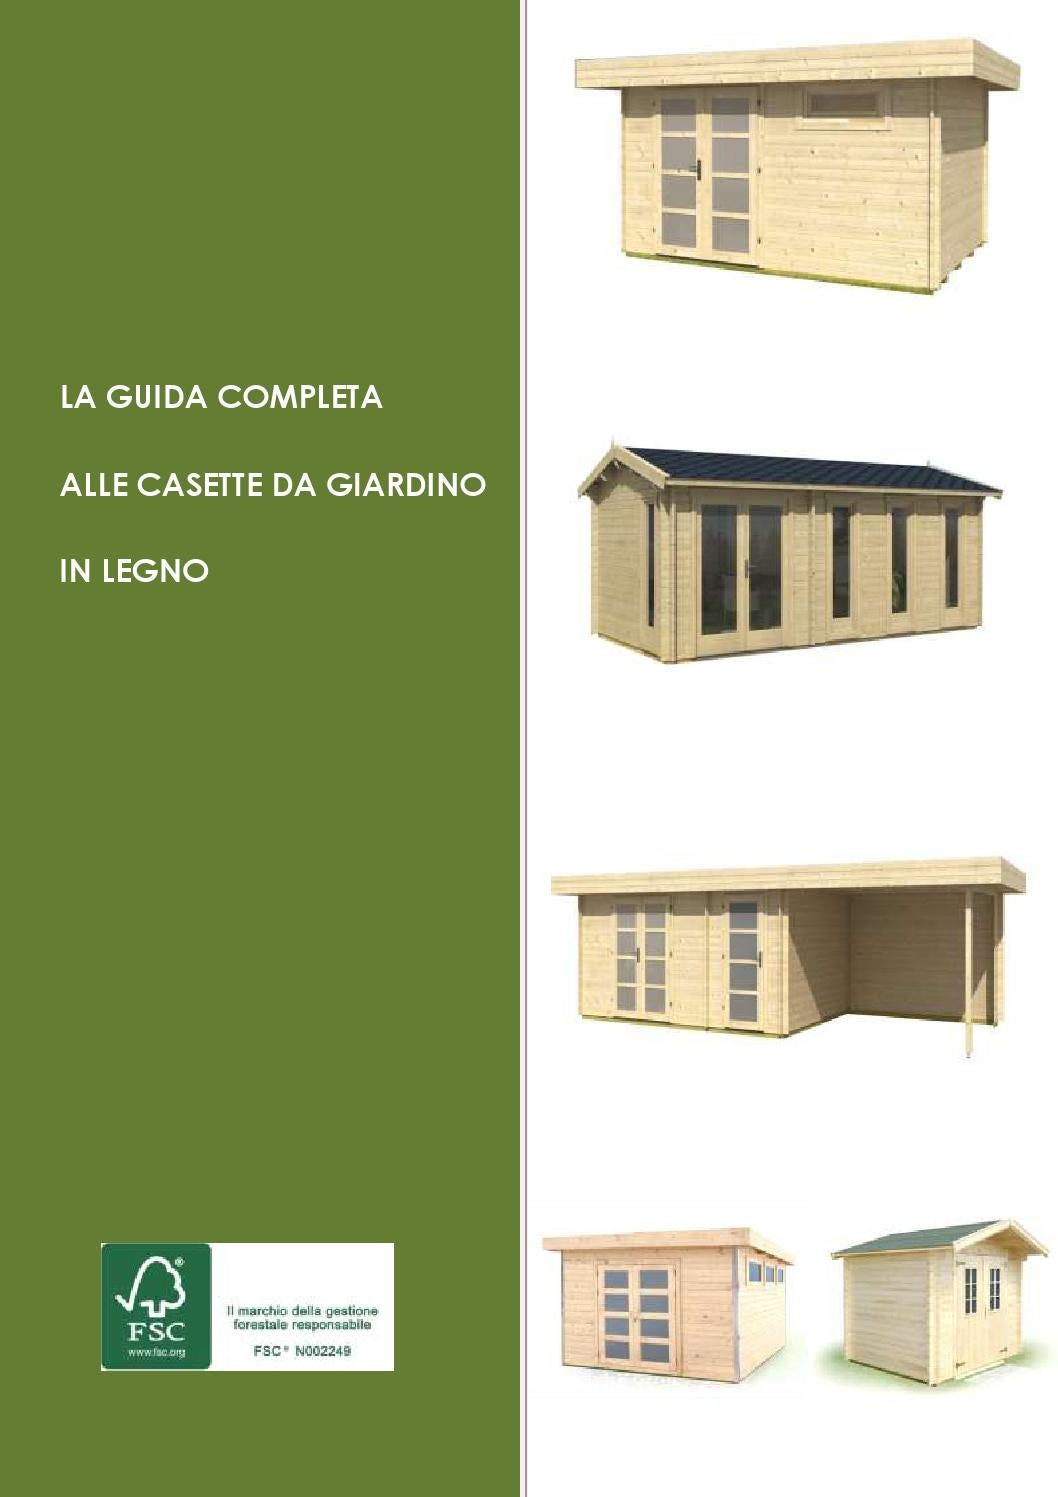 La guida completa alle casette da giardino in legno by for Casette italia